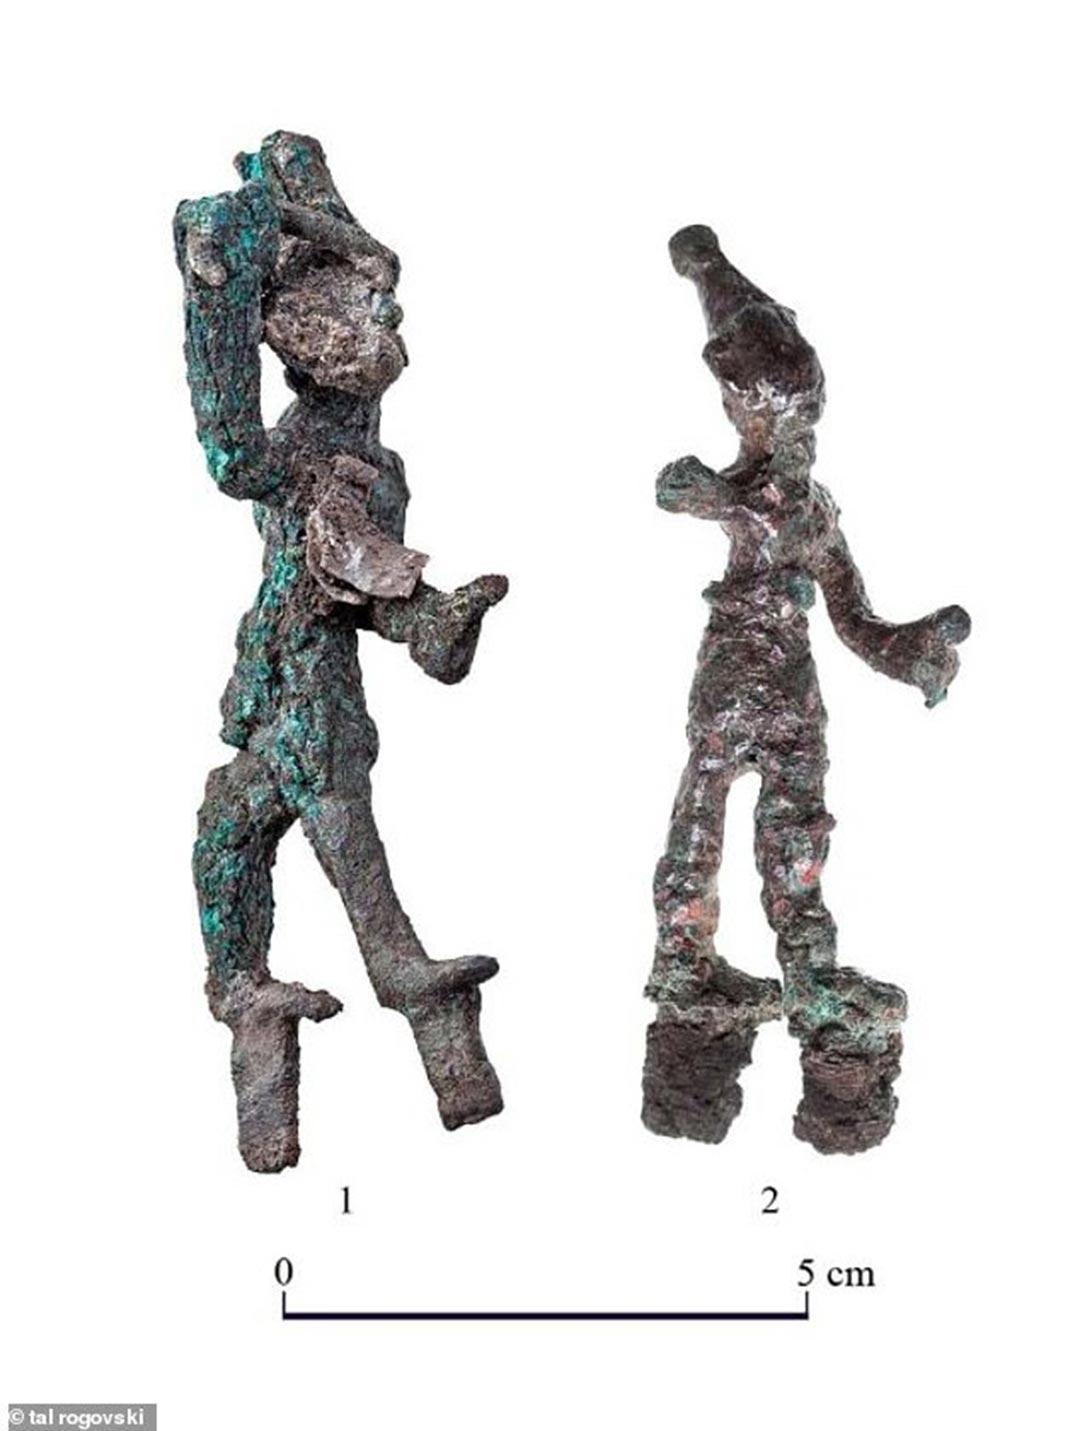 Bronze Canaanite smiting god figurines